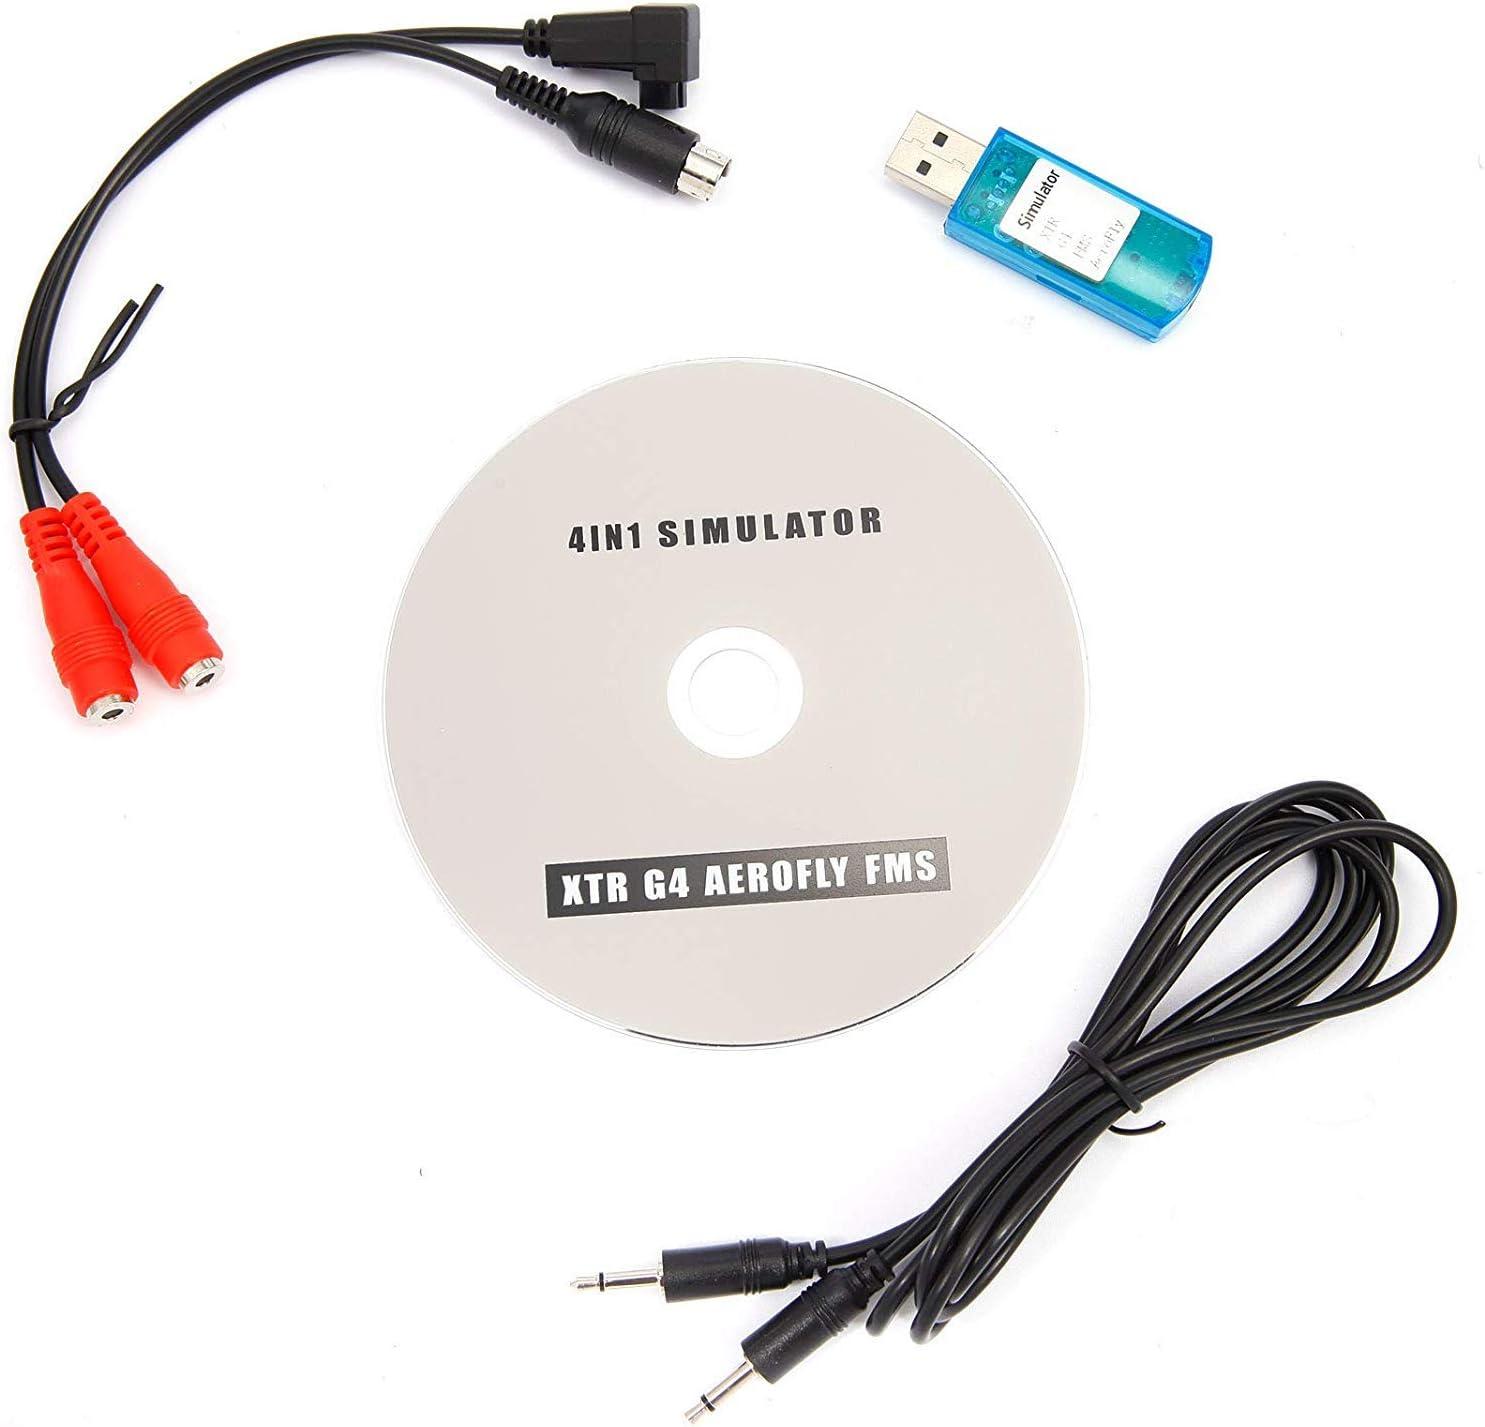 YUNIQUE Espagne® Cable simulador de Vuelo USB para DX6E DX6I DX7 JRS JR Futaba RC Esky Spectrum RealFlight XTR G4 AEROFLY FMS (Ejercicio con Controlador RC para helicópteros en PC): Amazon.es: Electrónica